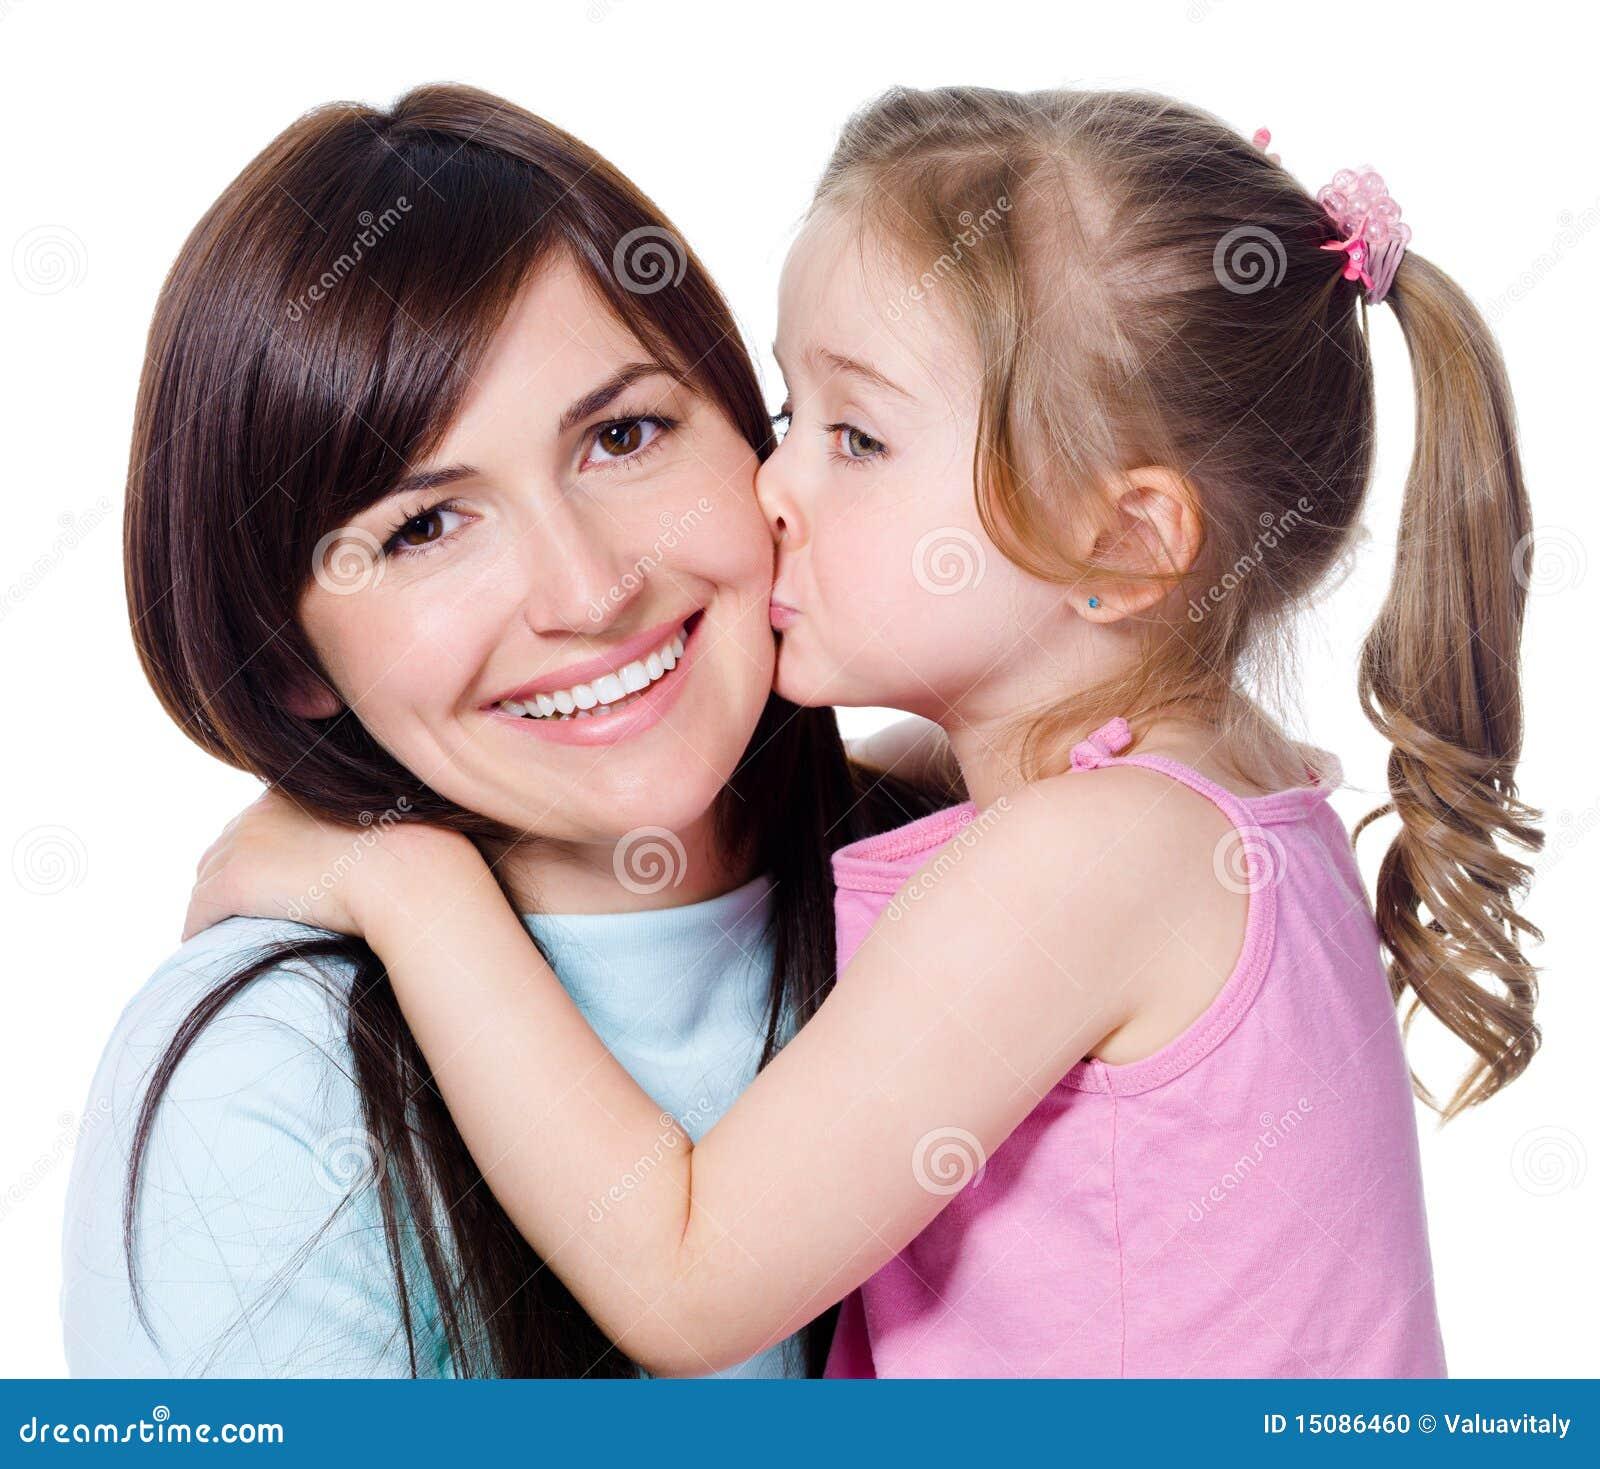 Целуется с дочкой 8 фотография